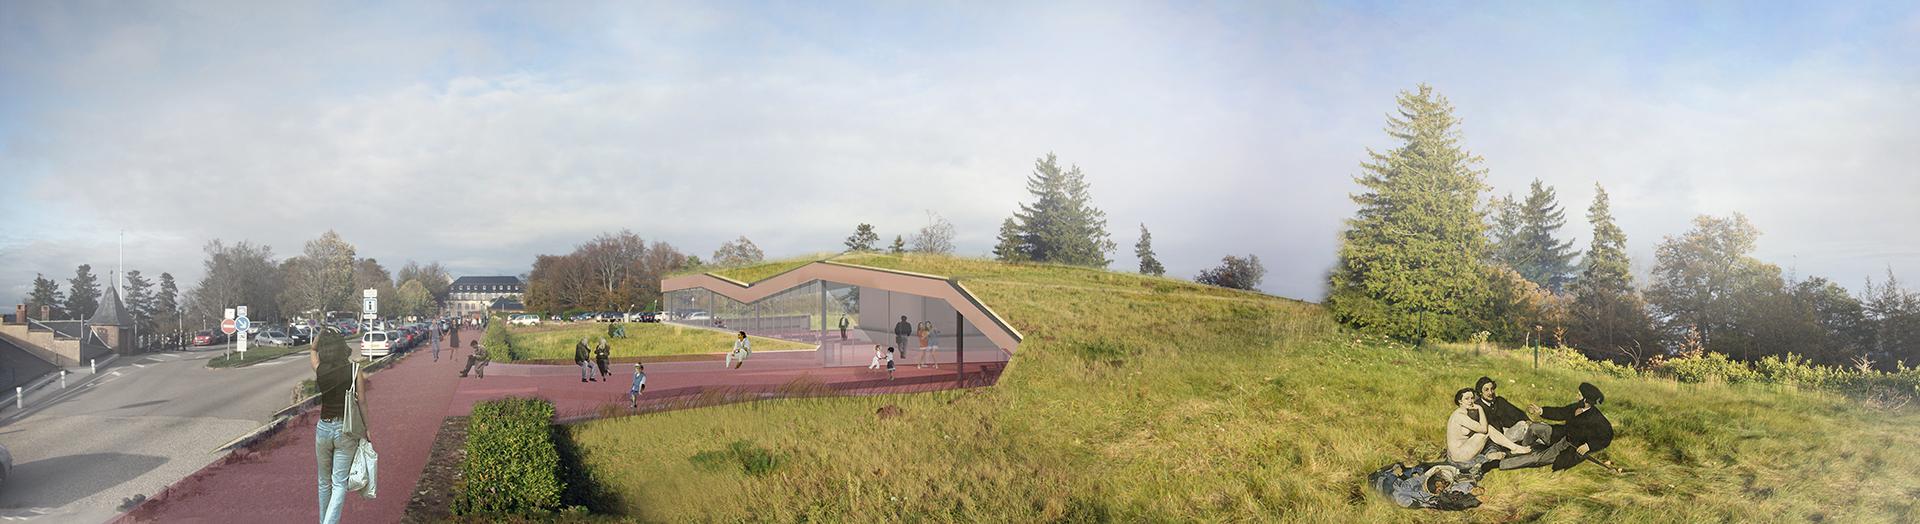 K&+ schéma pavillon Mont Saint Odile